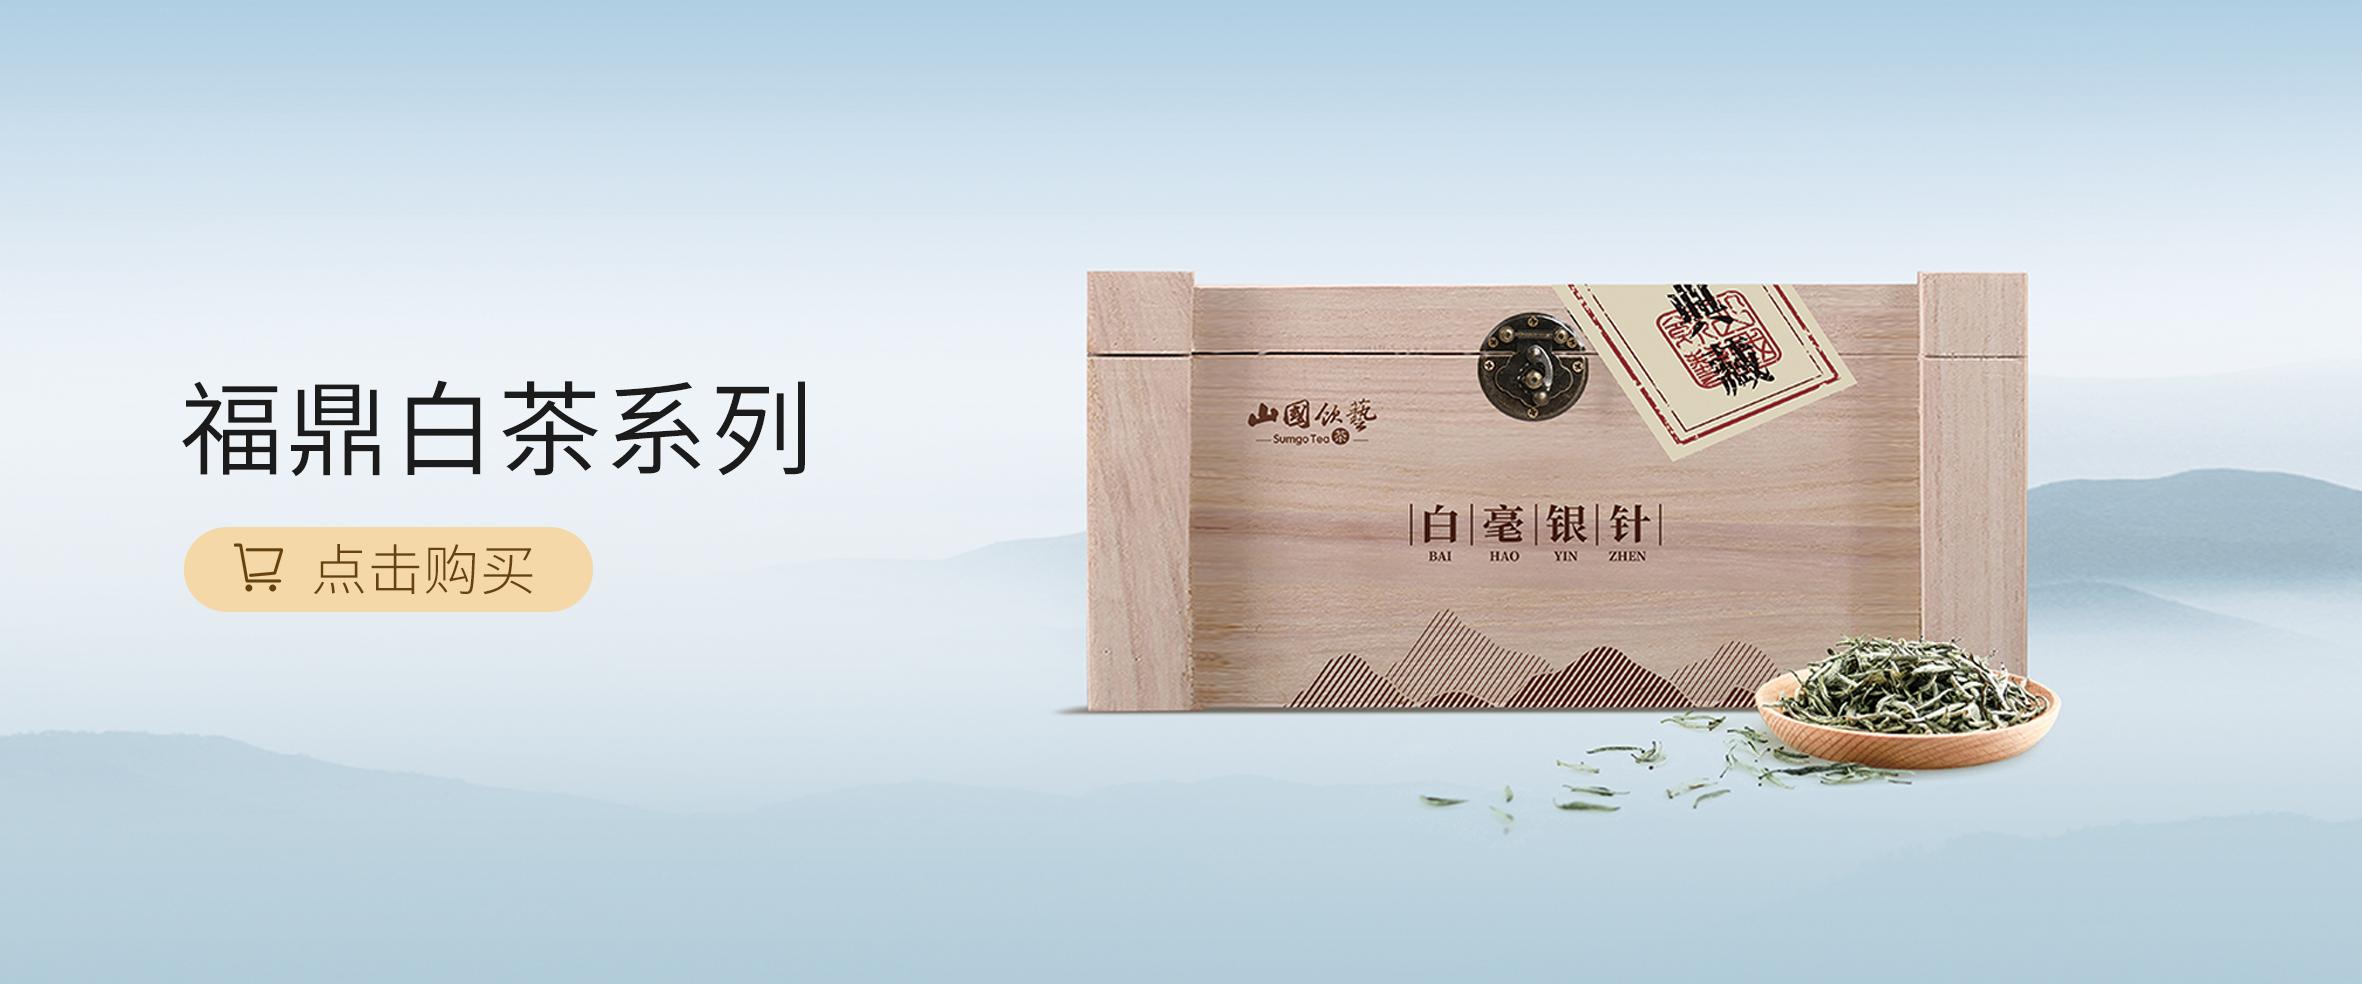 福鼎白茶系列banner